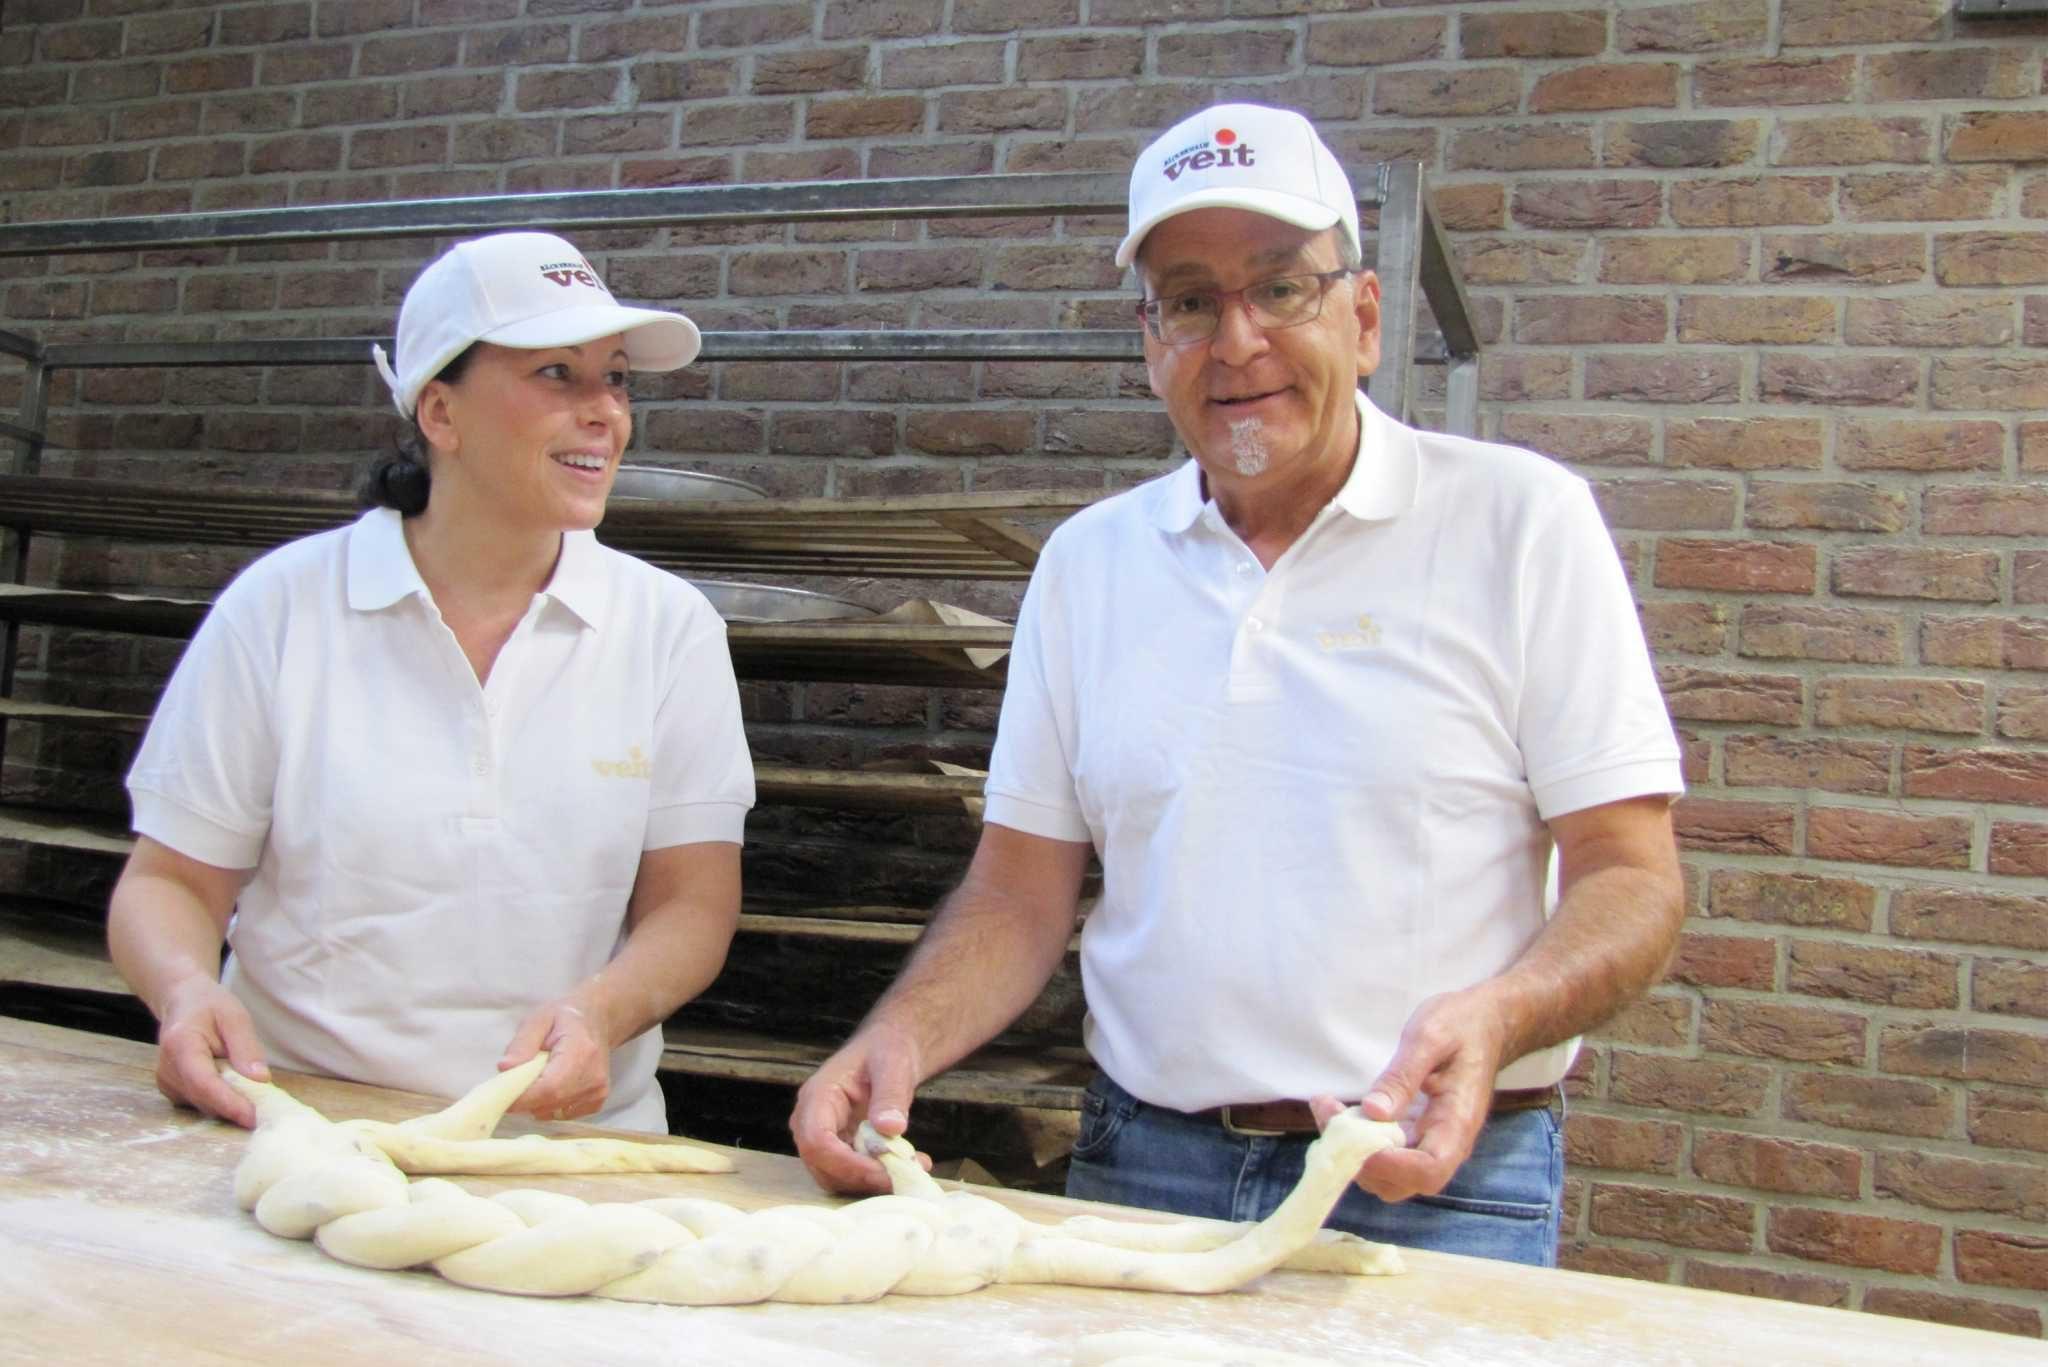 Führungswechsel im Bäckerhaus Veit